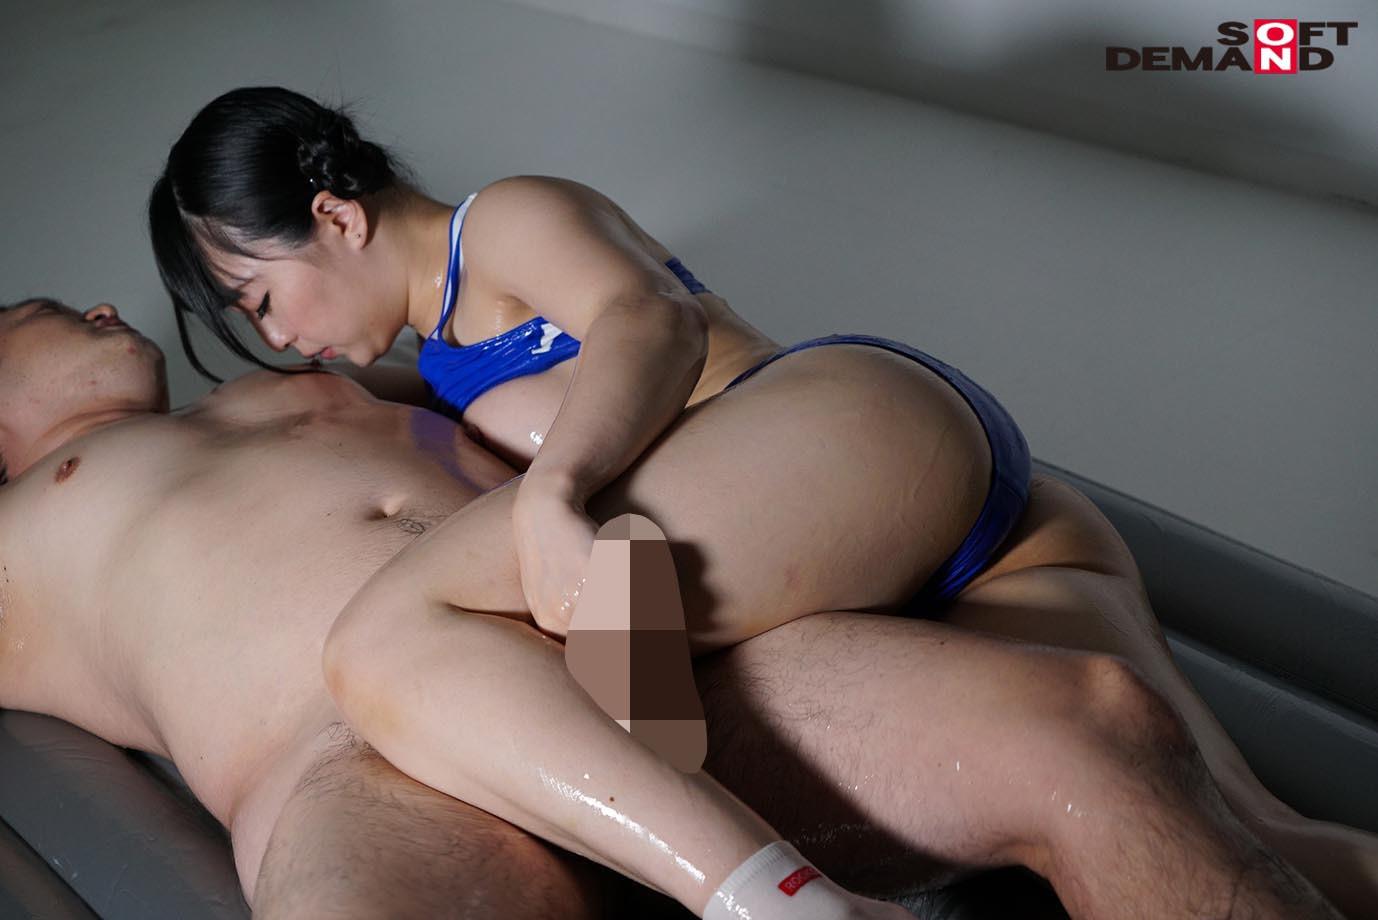 ちゃんよた(25) アクメ×セクササイズ,のサンプル画像13